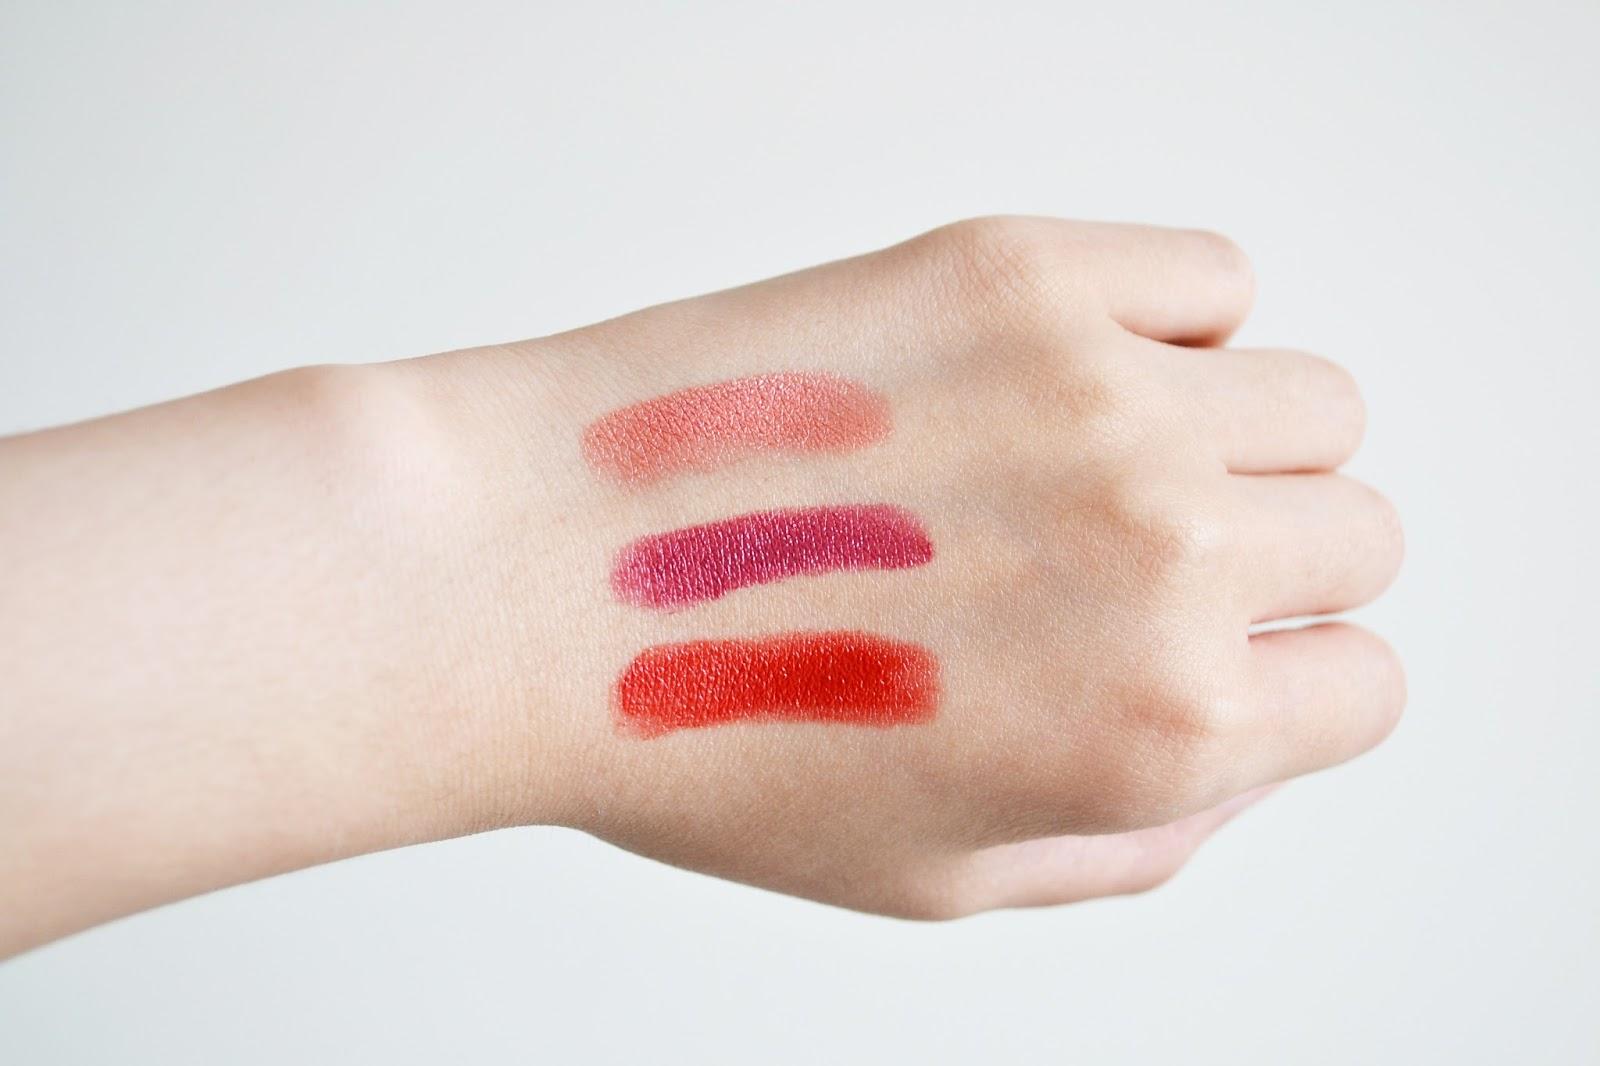 lipstick swatch, cien lipstick swatch